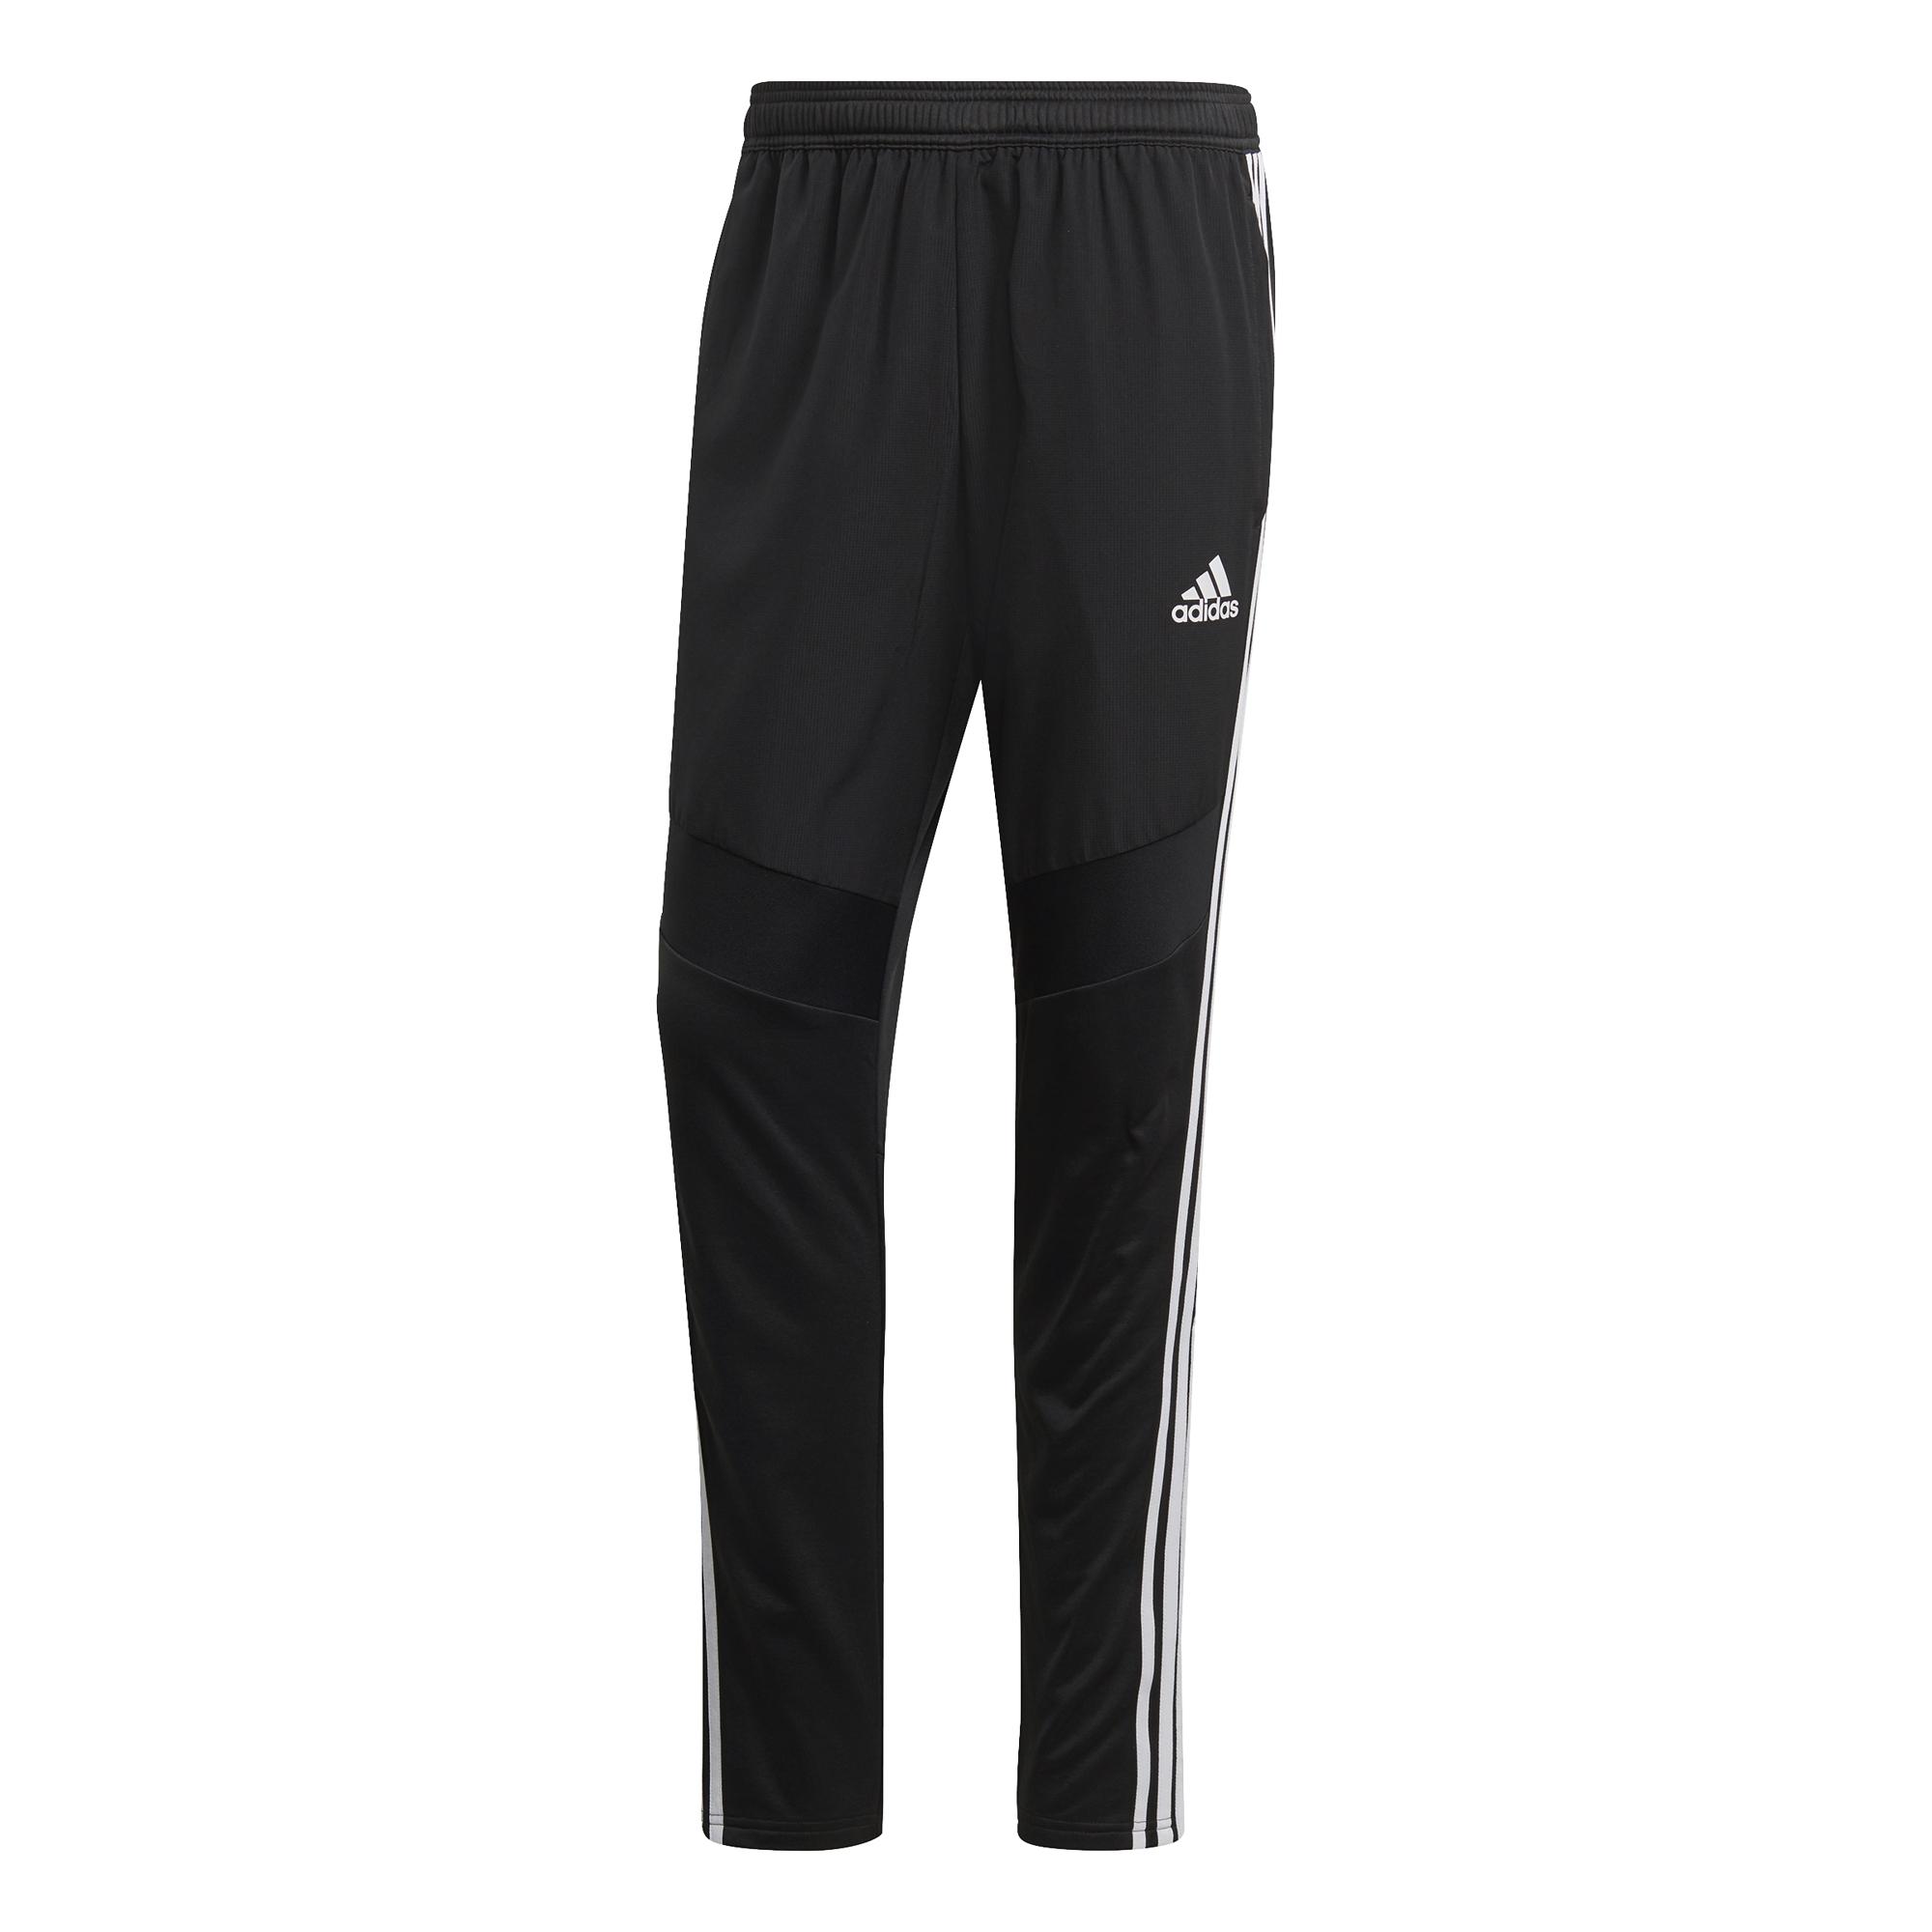 ADIDAS kalhoty Tiro 19 Warm Pants